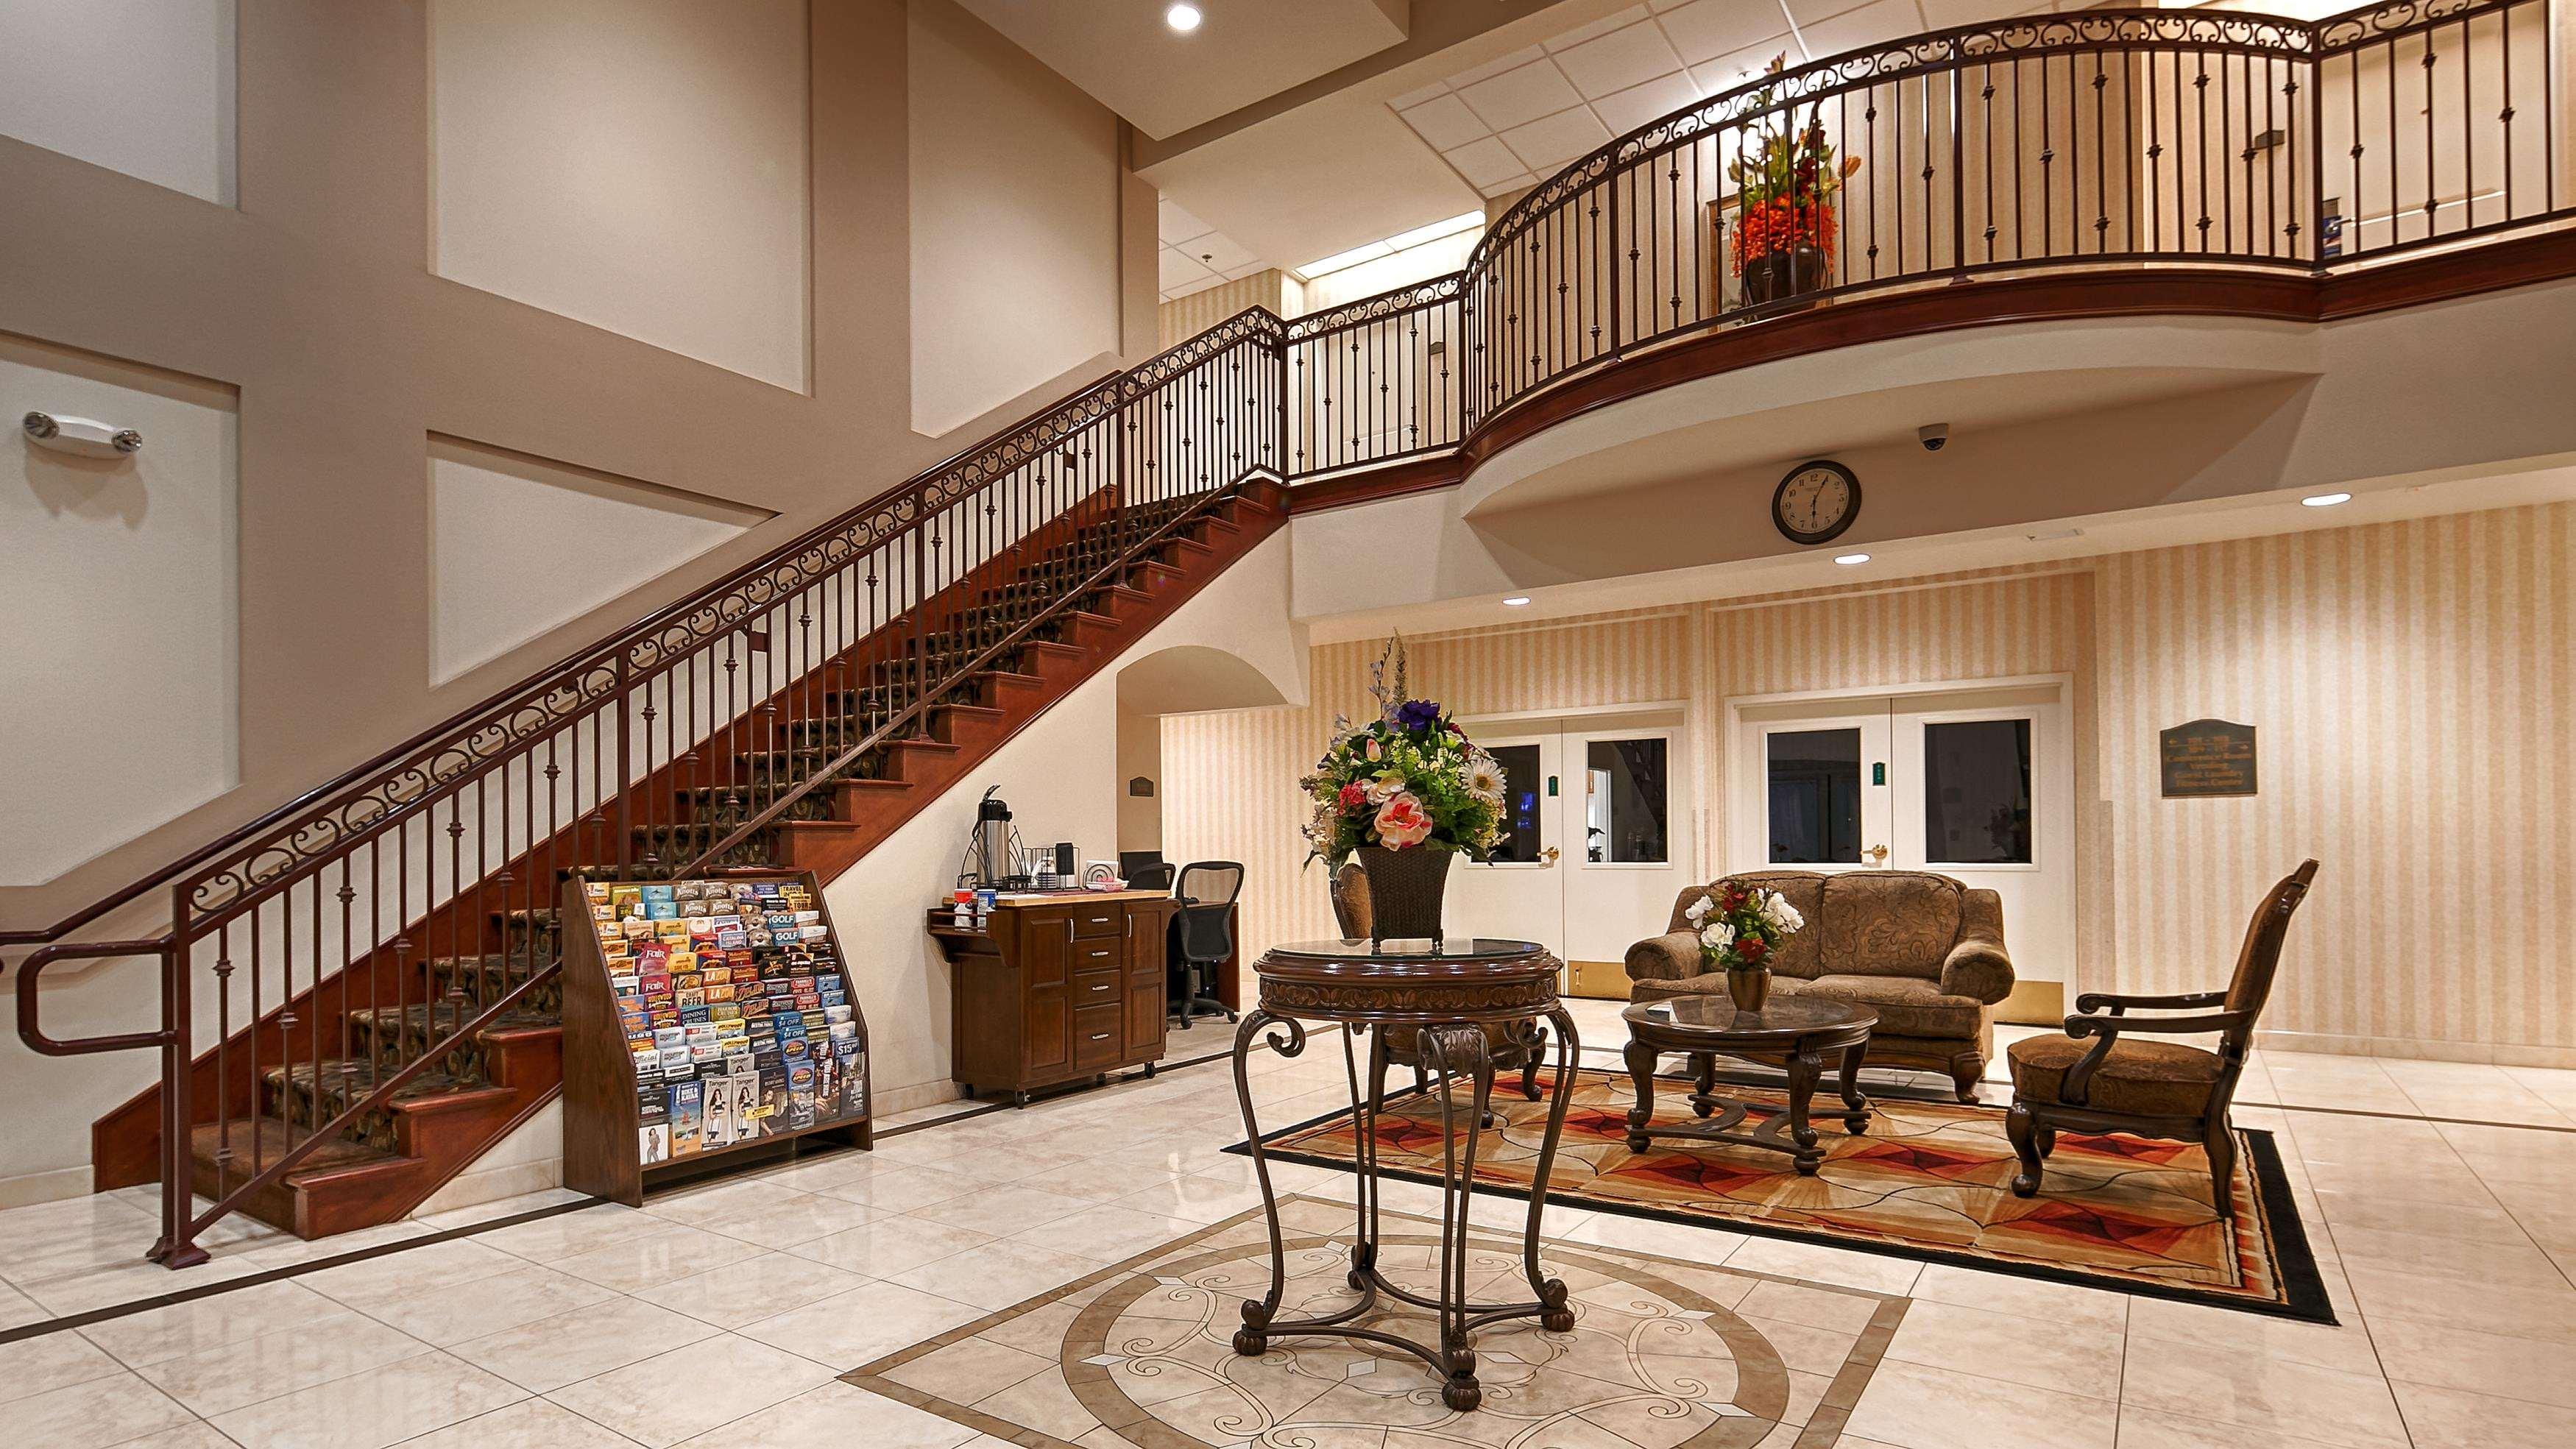 Best Western Plus Lake Elsinore Inn & Suites image 0